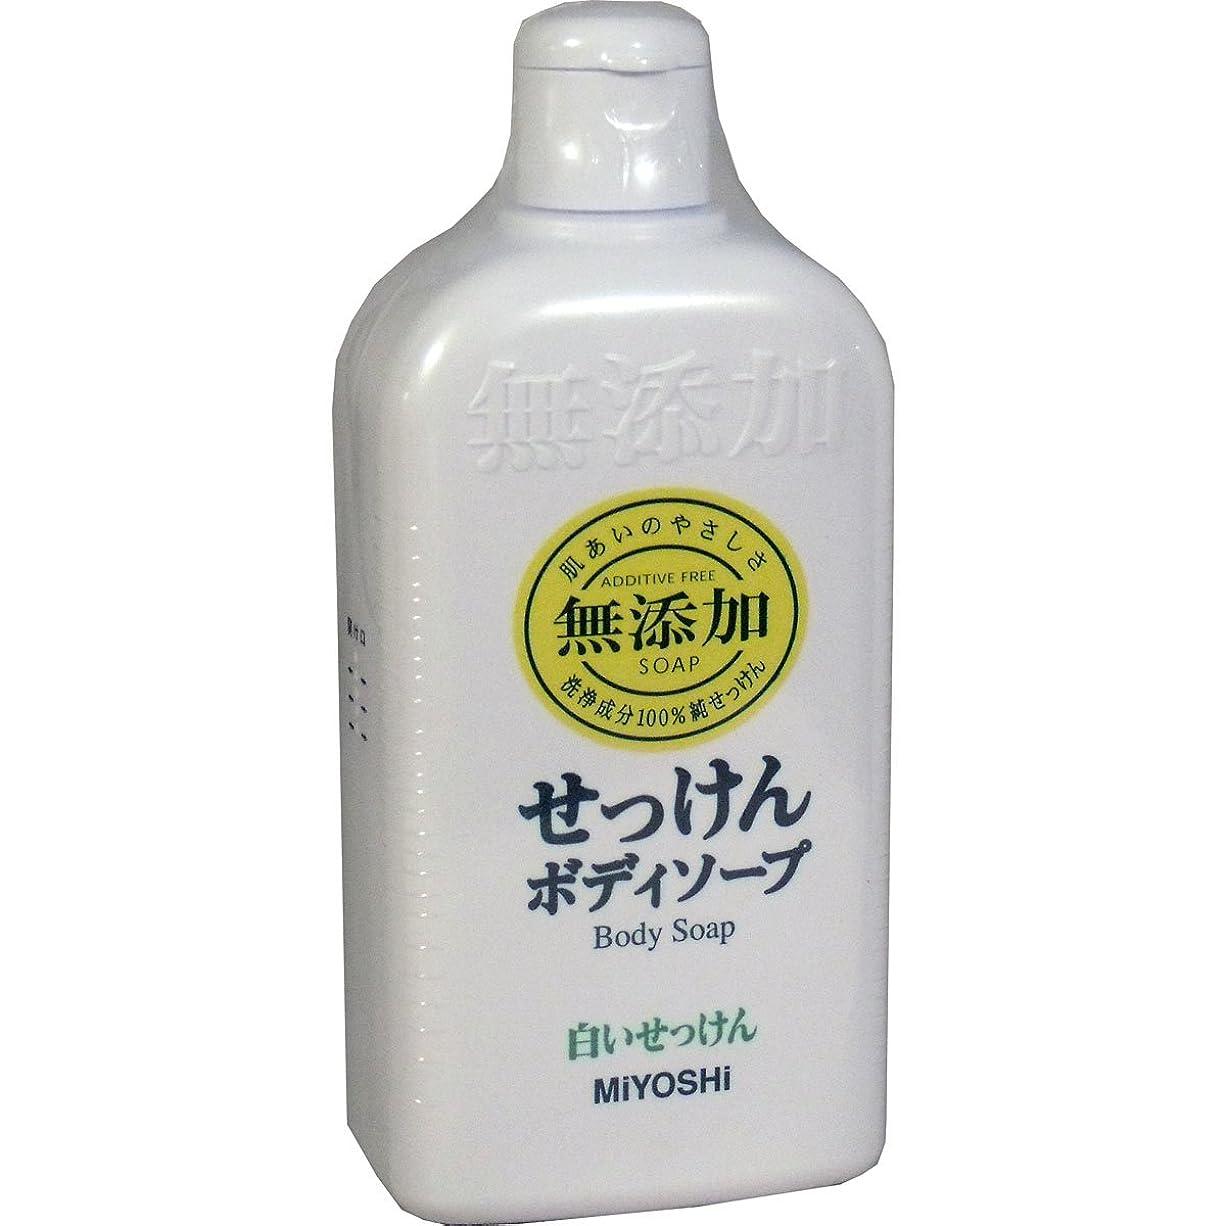 ミュージカルライナー丘無添加 ボディソープ 白い石けん レギュラー 400ml(無添加石鹸) 7セット